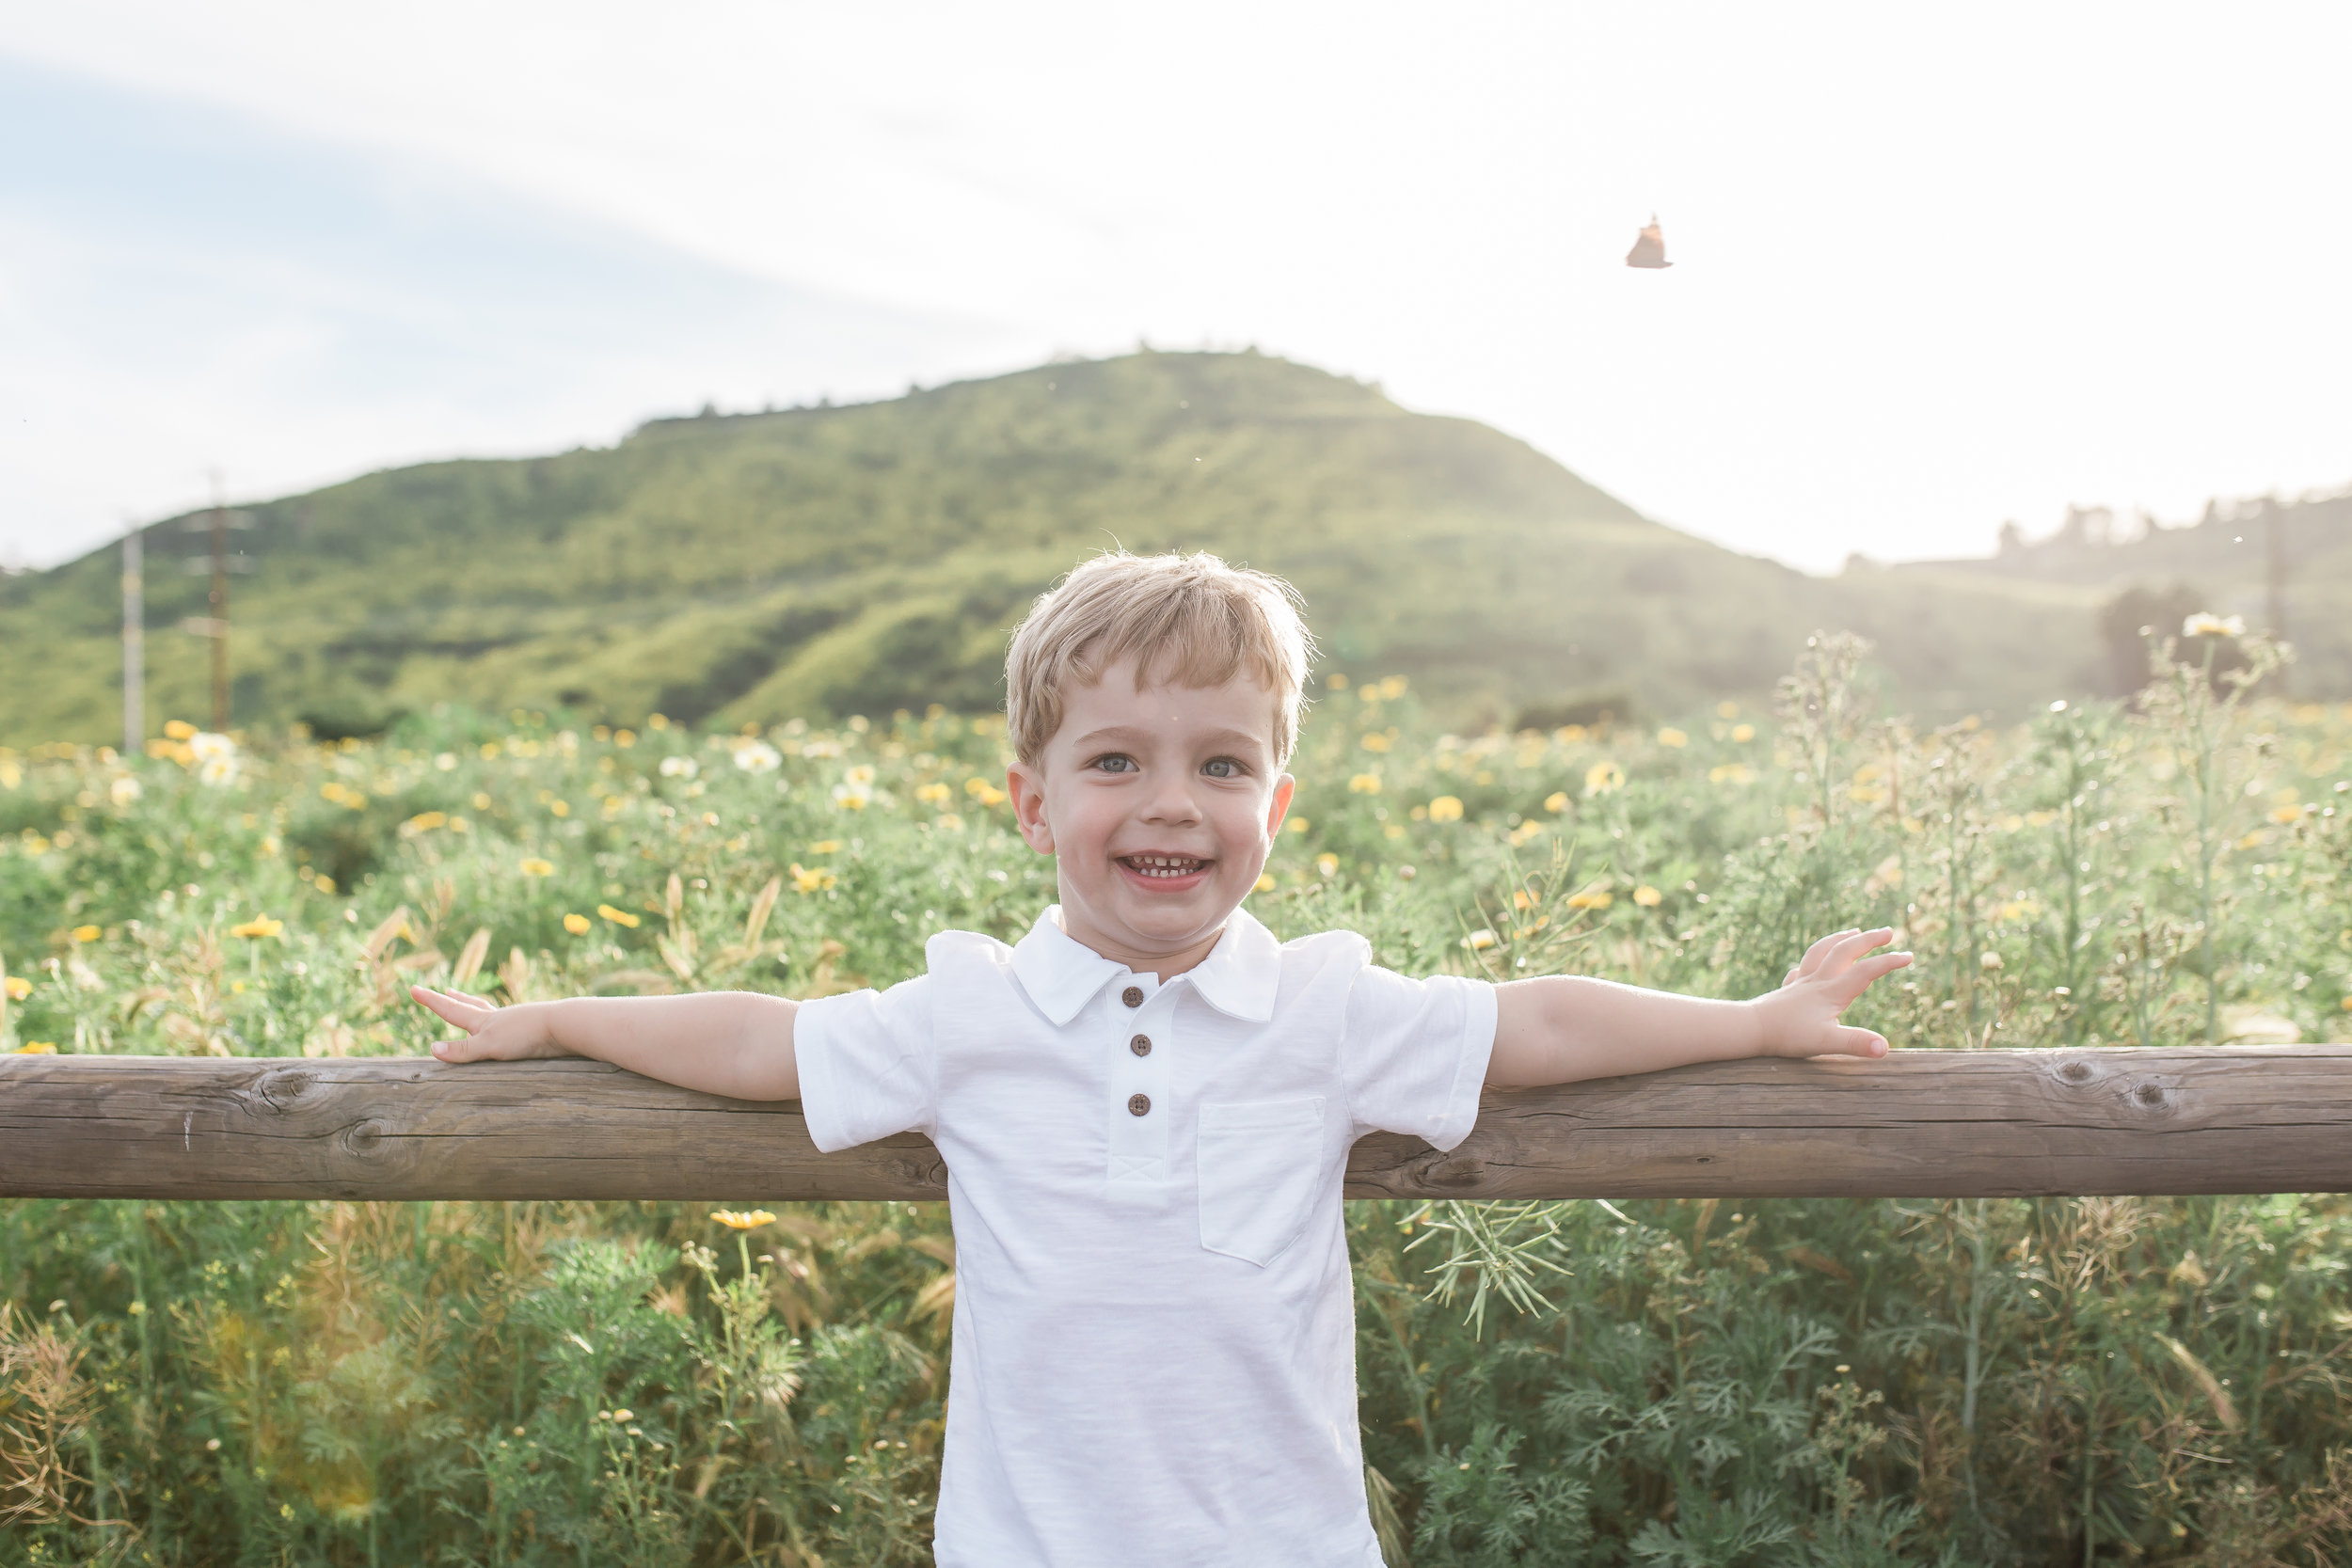 San Juan Capistrano Family Photographer poppy lea photography